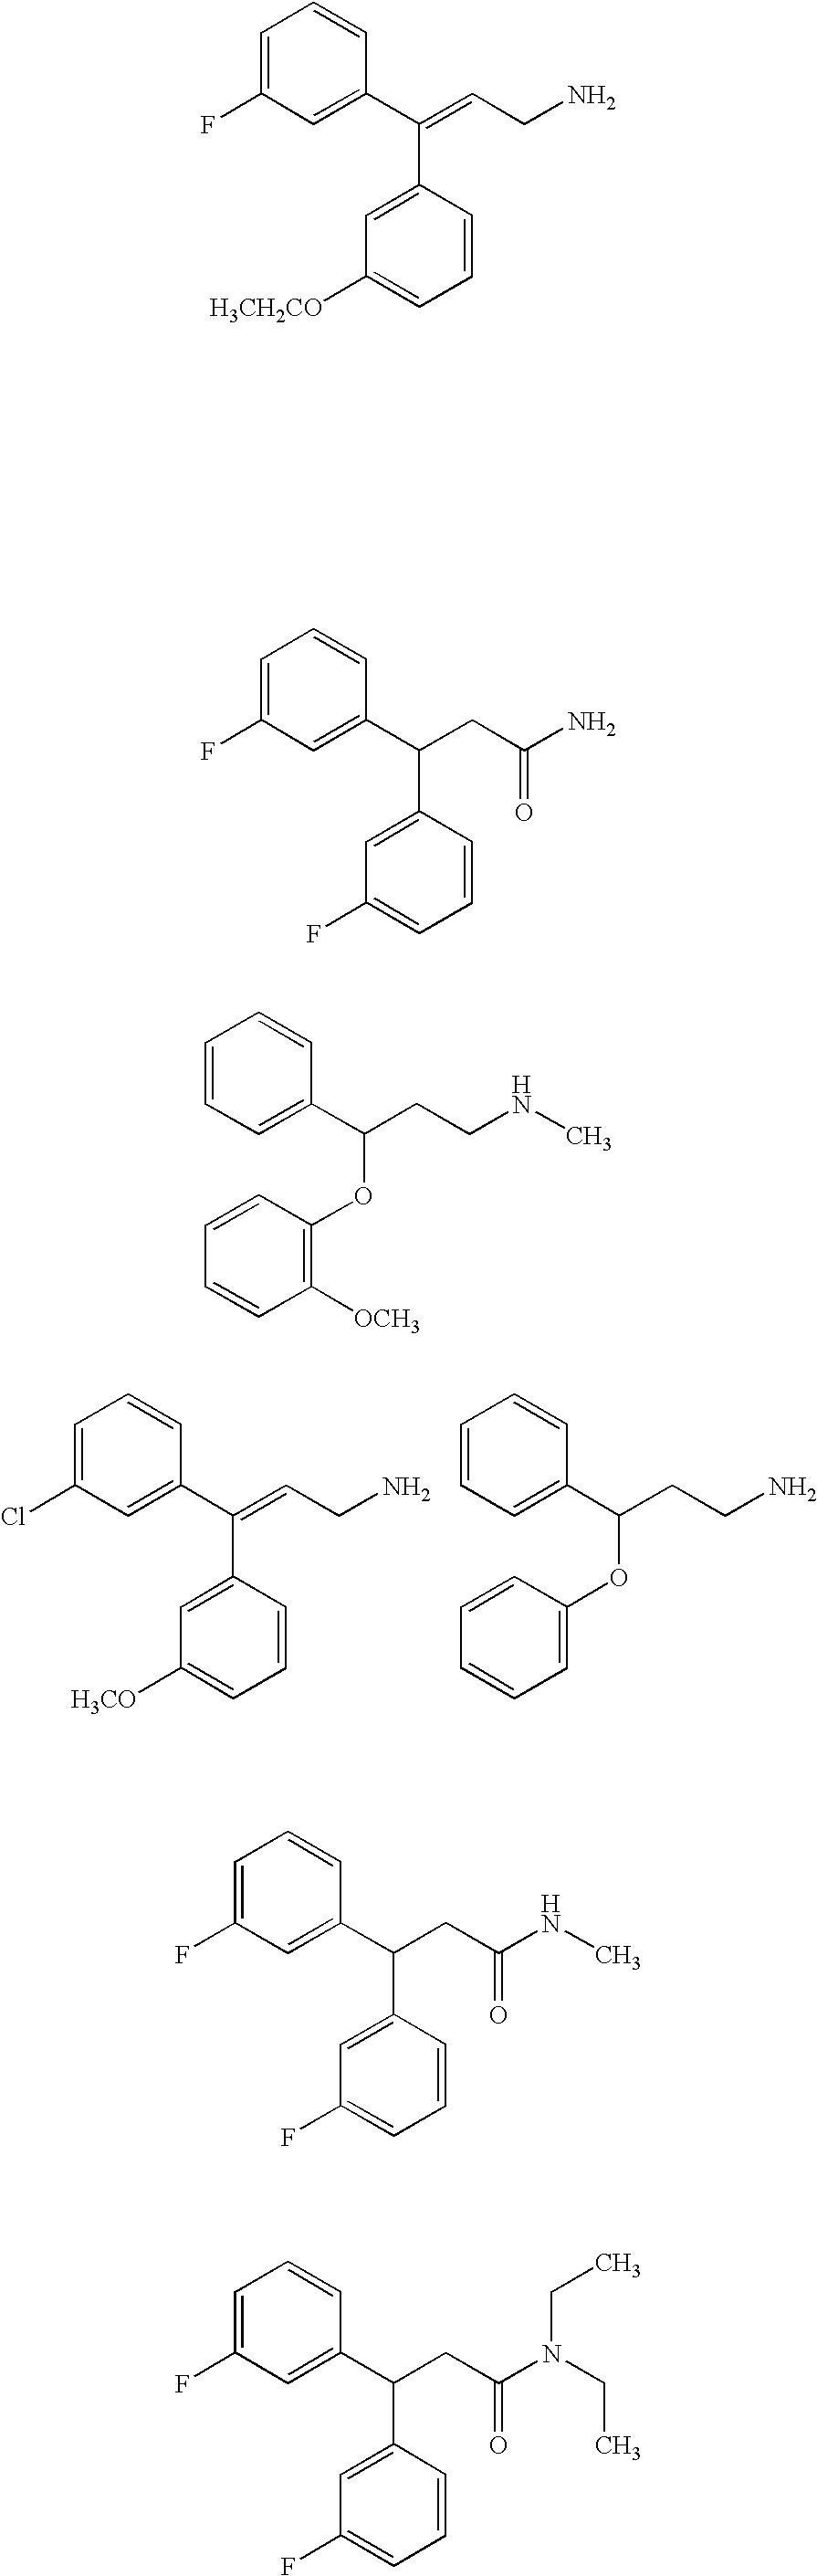 Figure US20050282859A1-20051222-C00052